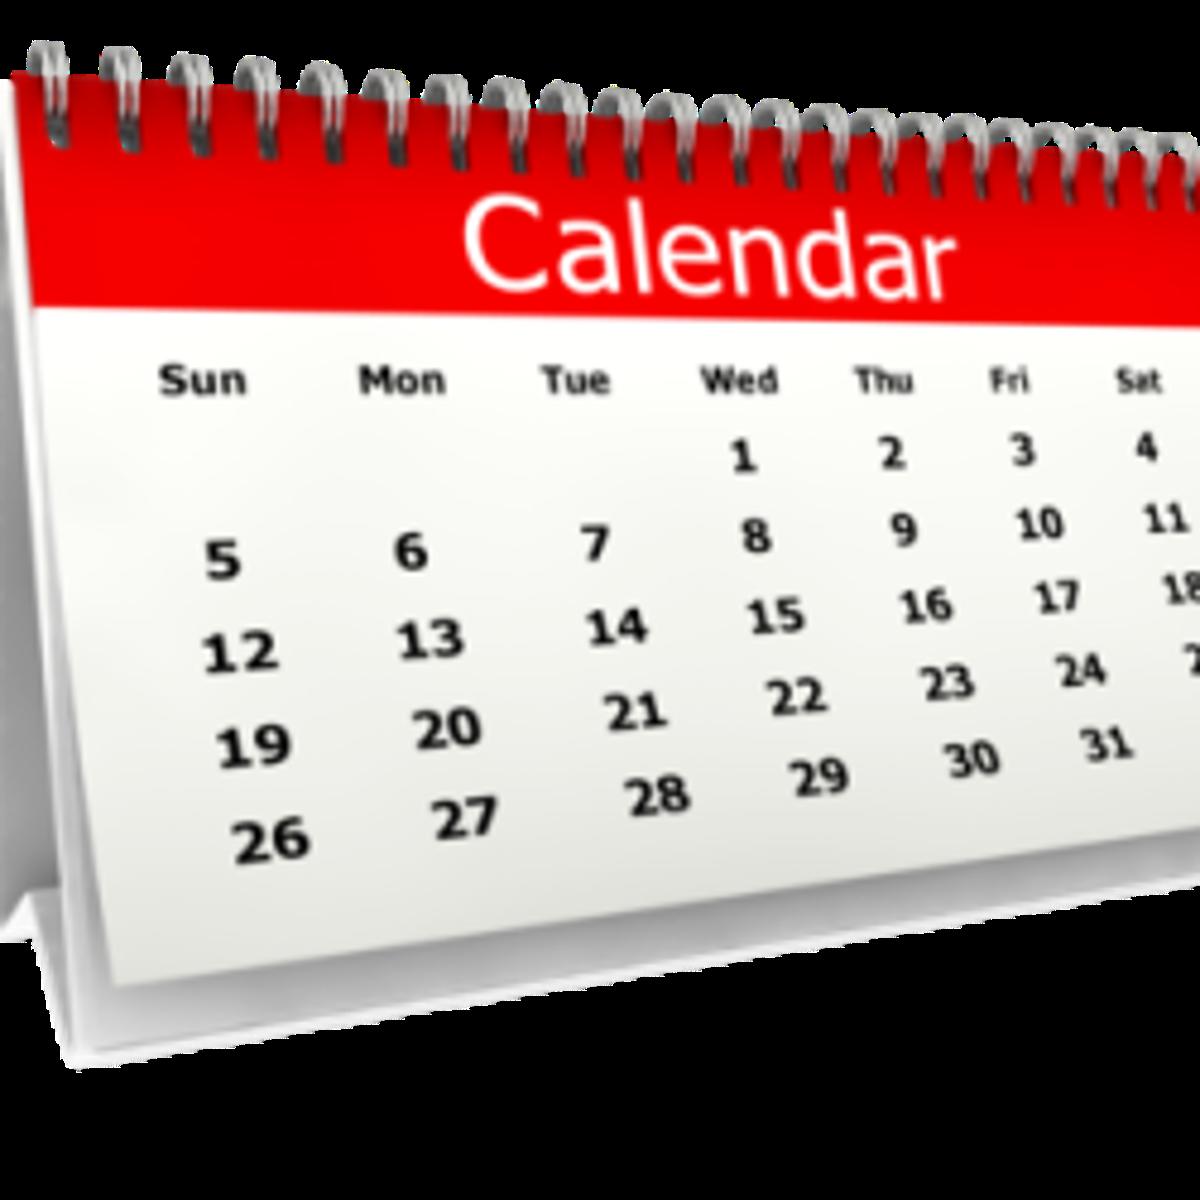 Class Gatherings Calendar: September 7-21 | Calendar | tdn com